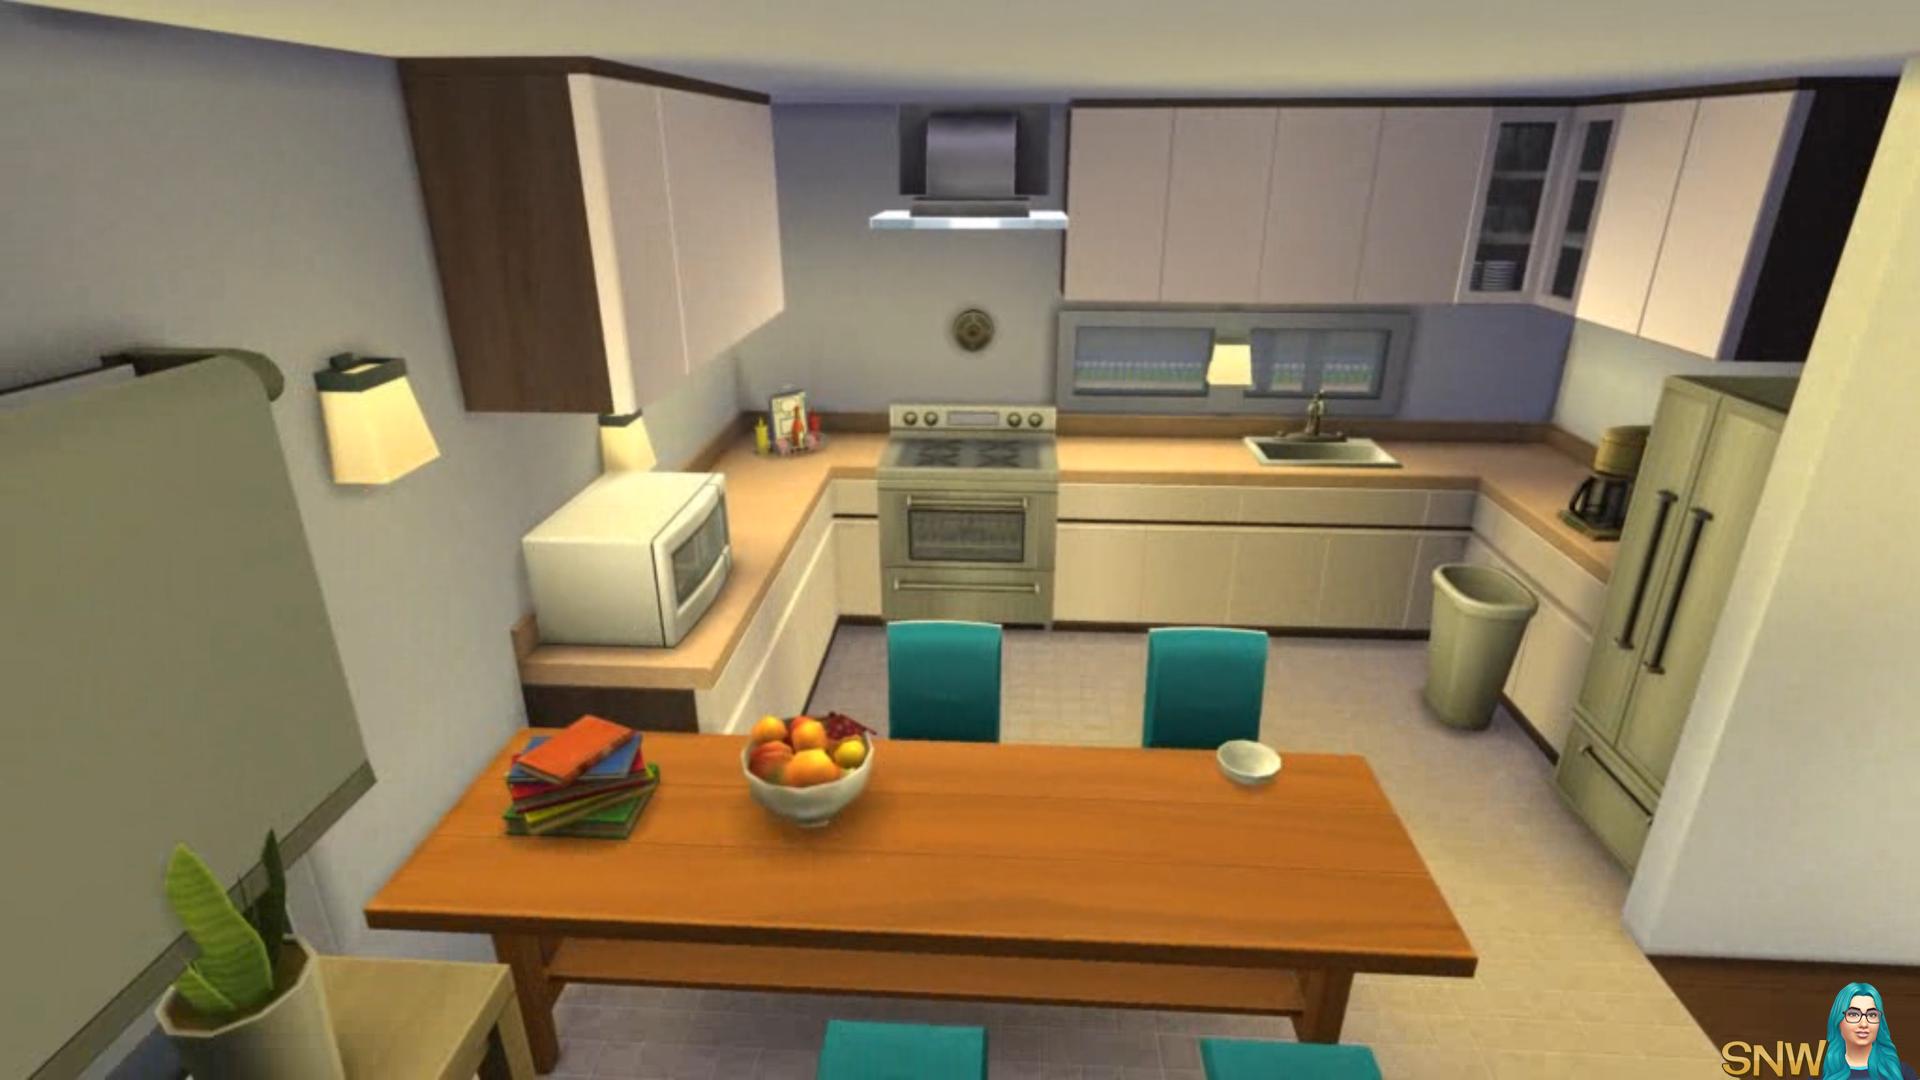 Mijn real life huis in de sims 4 snw for Huis maken minecraft